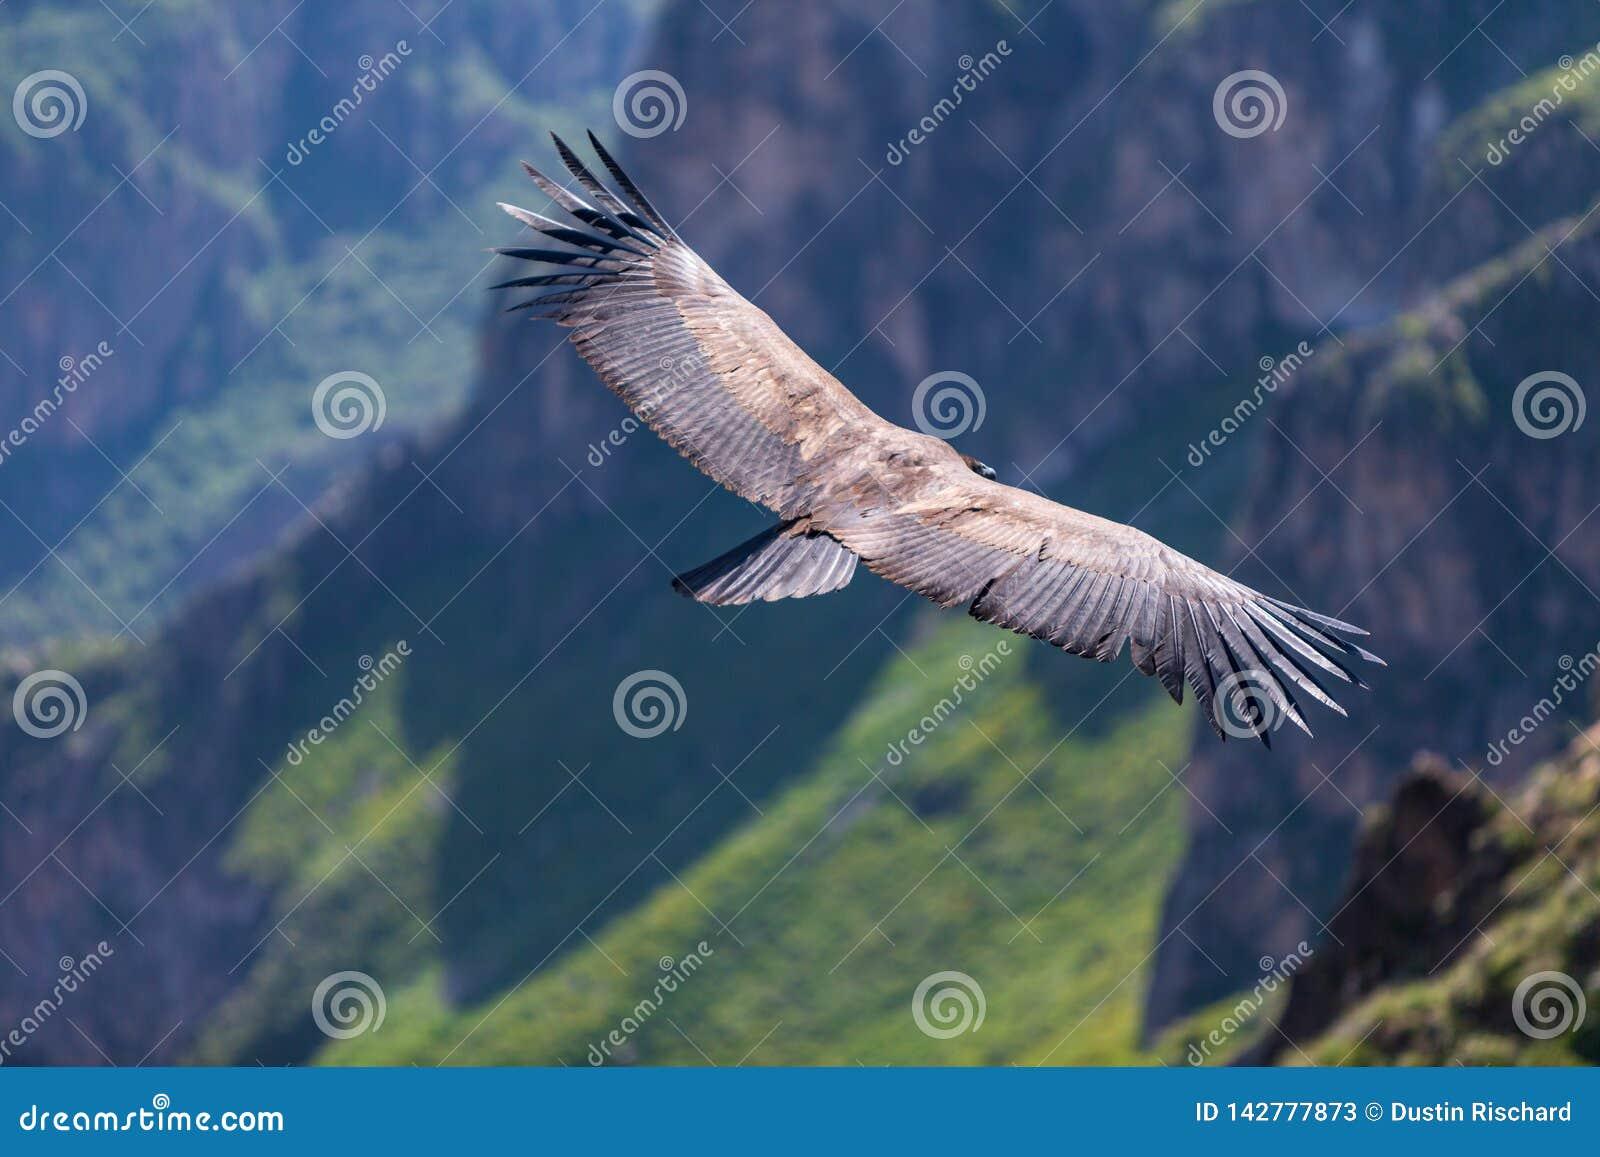 Backview van Condor die over de colcacanion vliegen in chivay, Peru die dode prooi zoeken